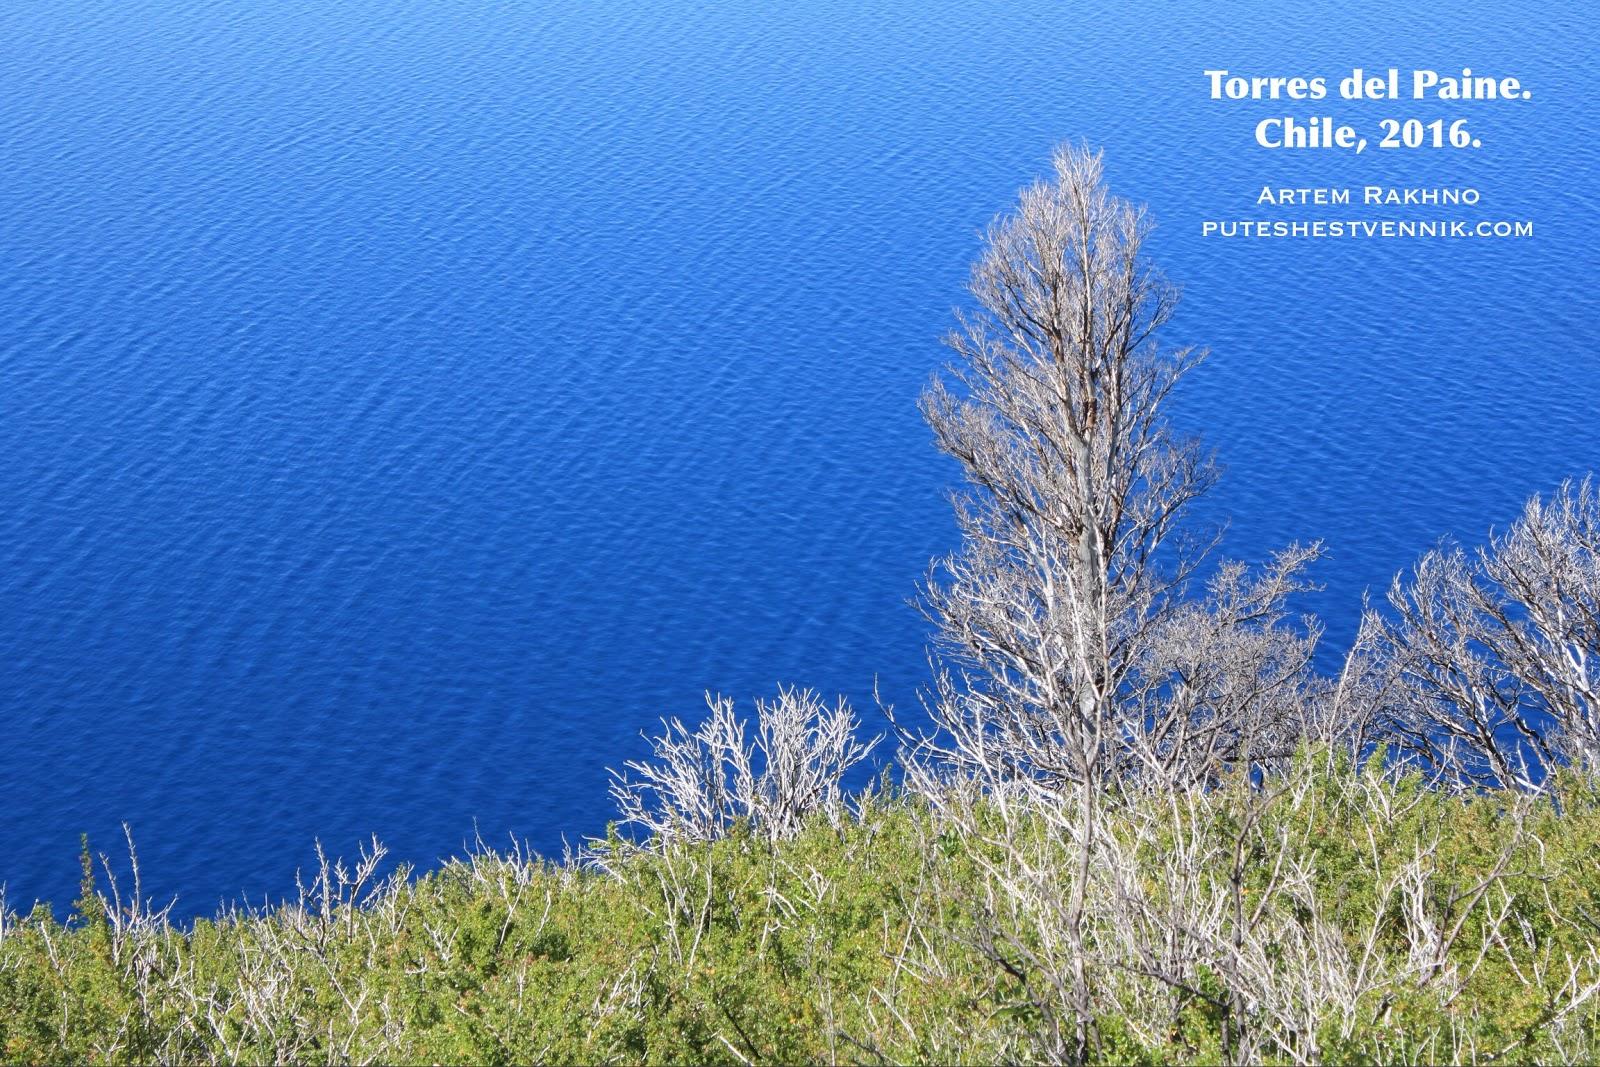 Дерево на фоне синего озера в Торрес-дель-Пайне